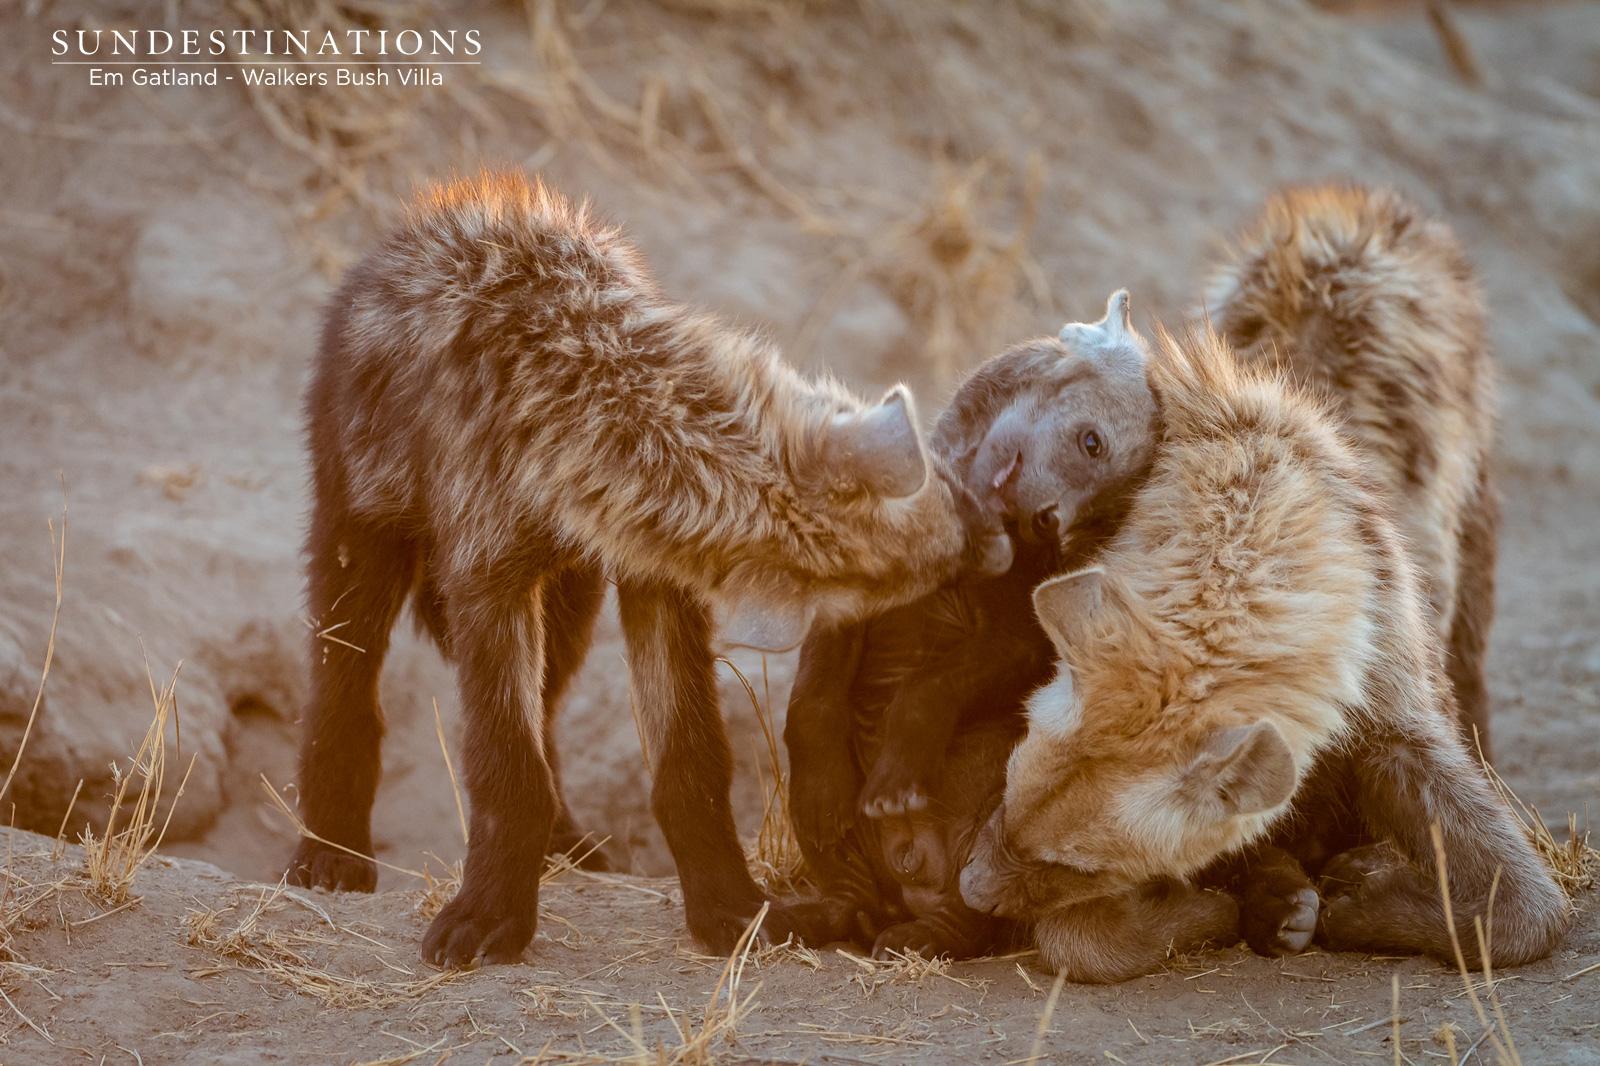 Hyena Cubs at Walkers Bush Villa